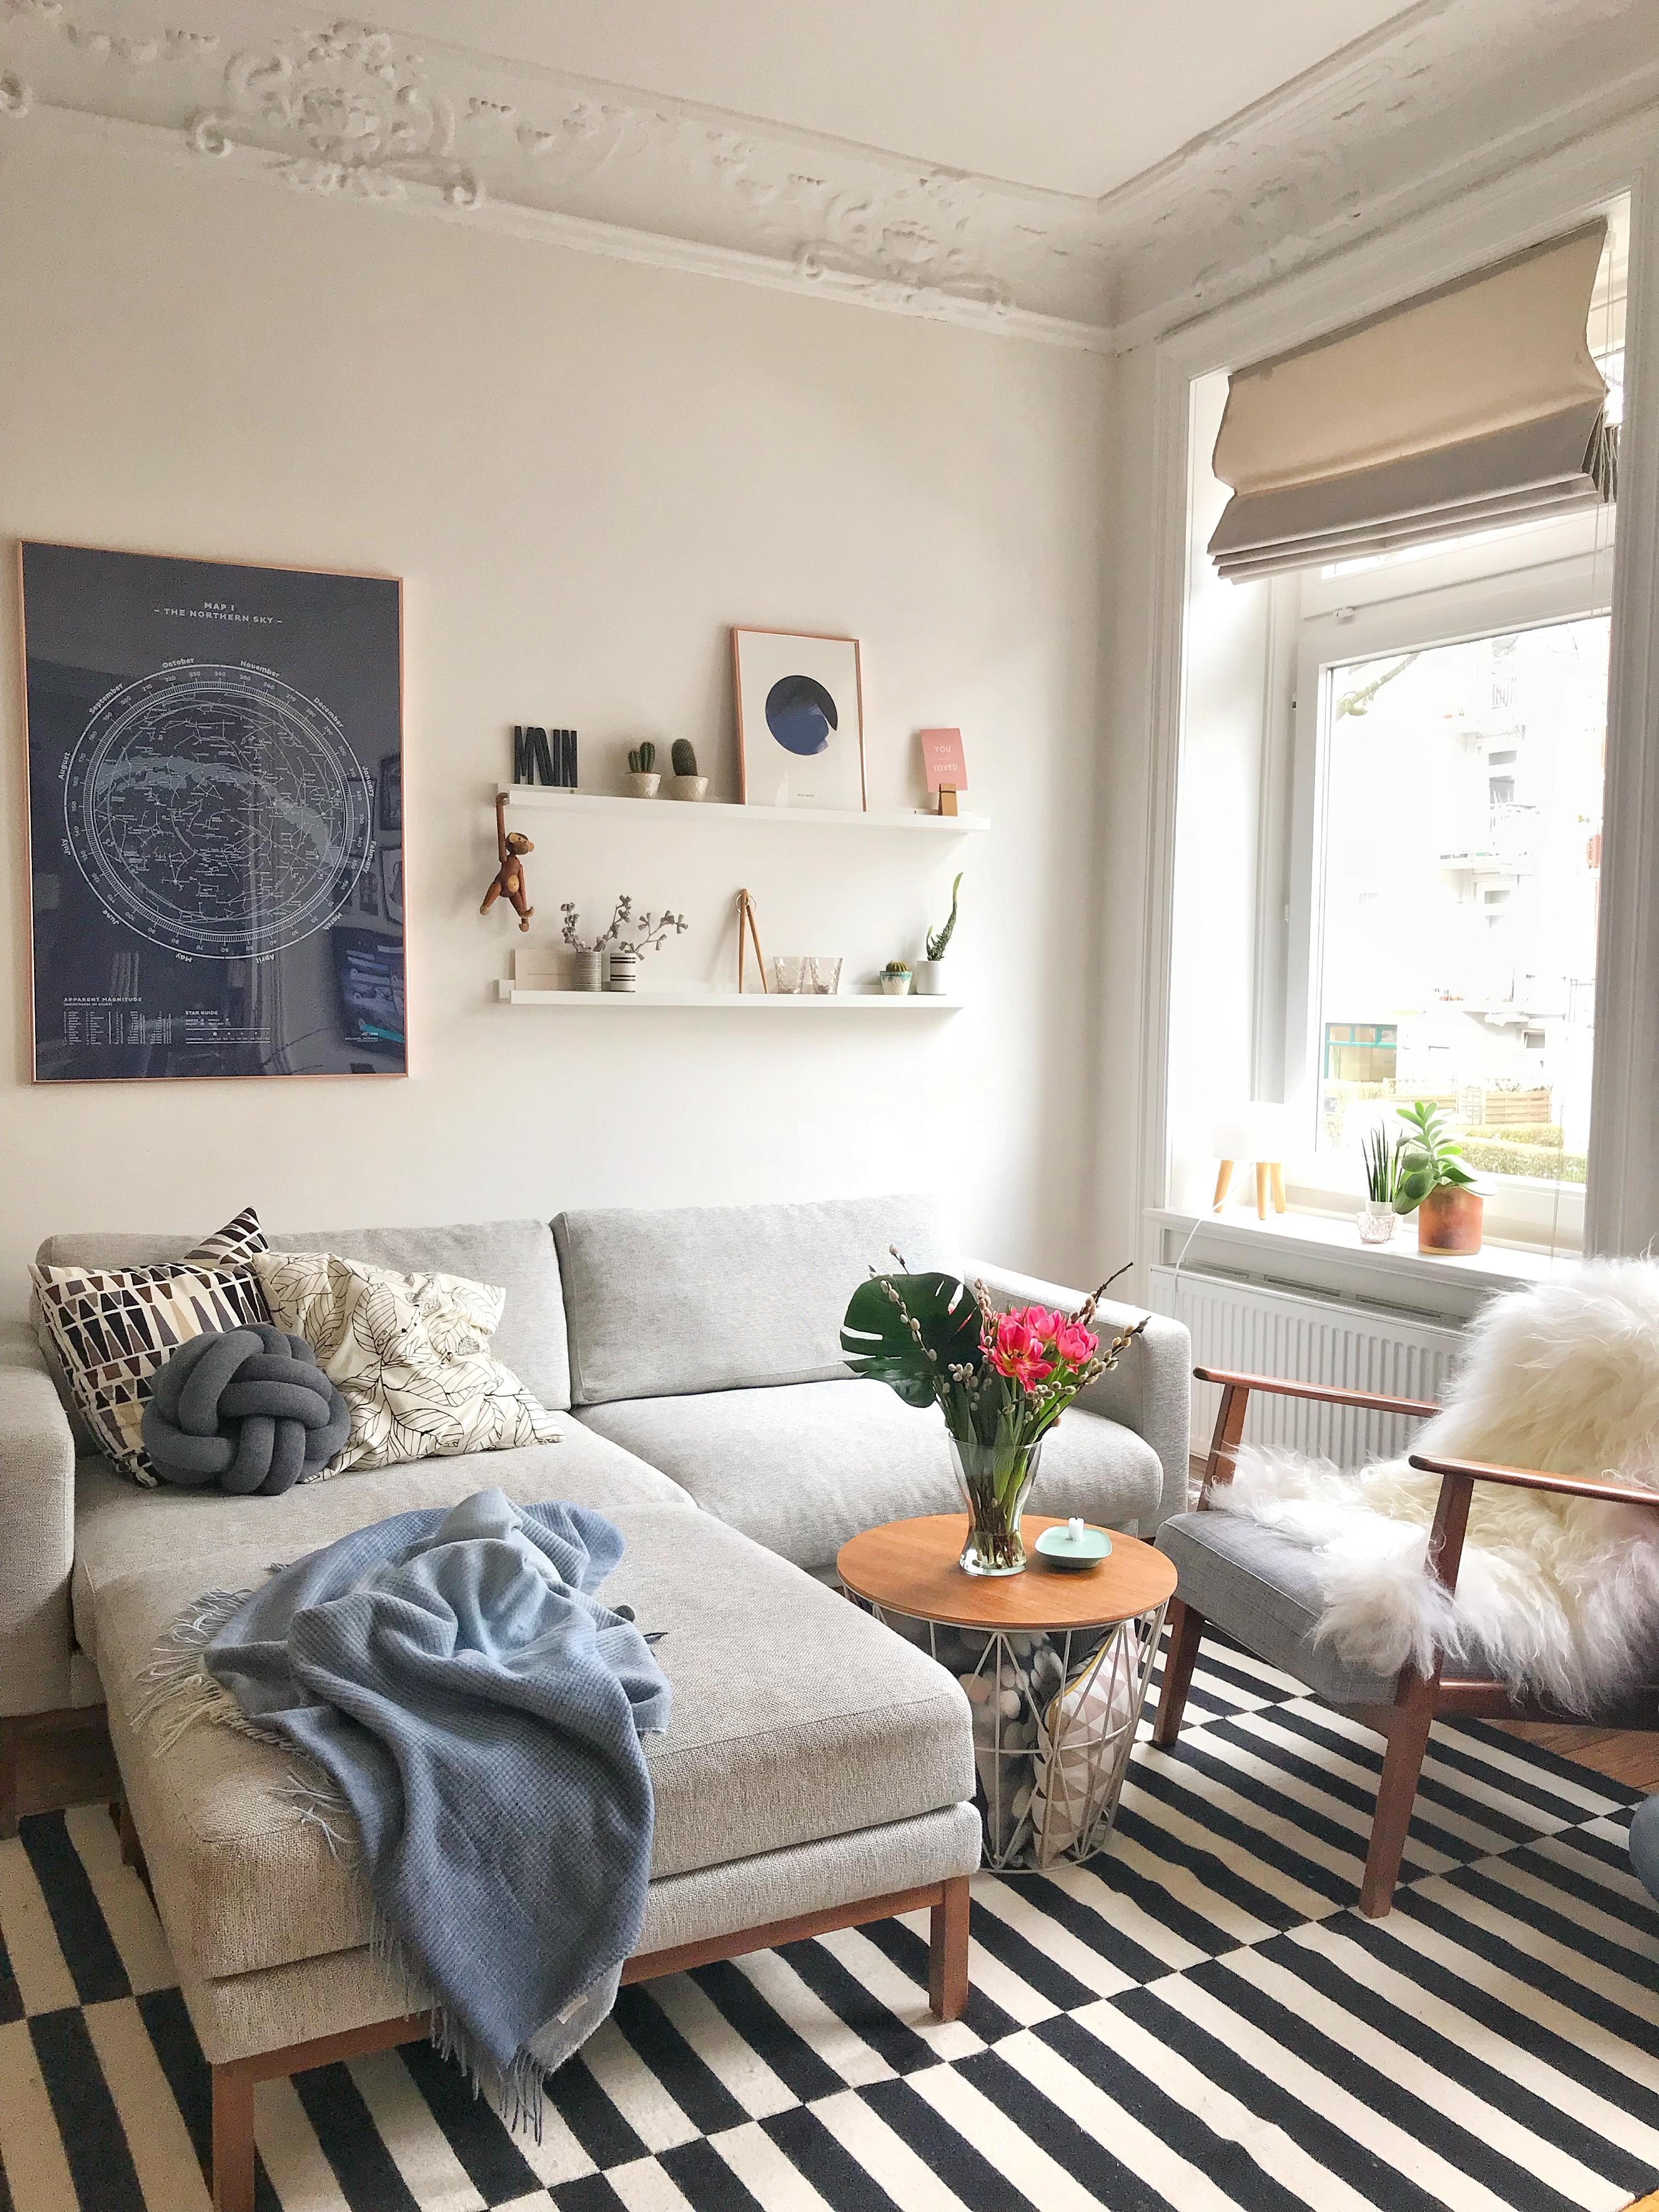 wohnzimmer bilder lass dich inspirieren. Black Bedroom Furniture Sets. Home Design Ideas